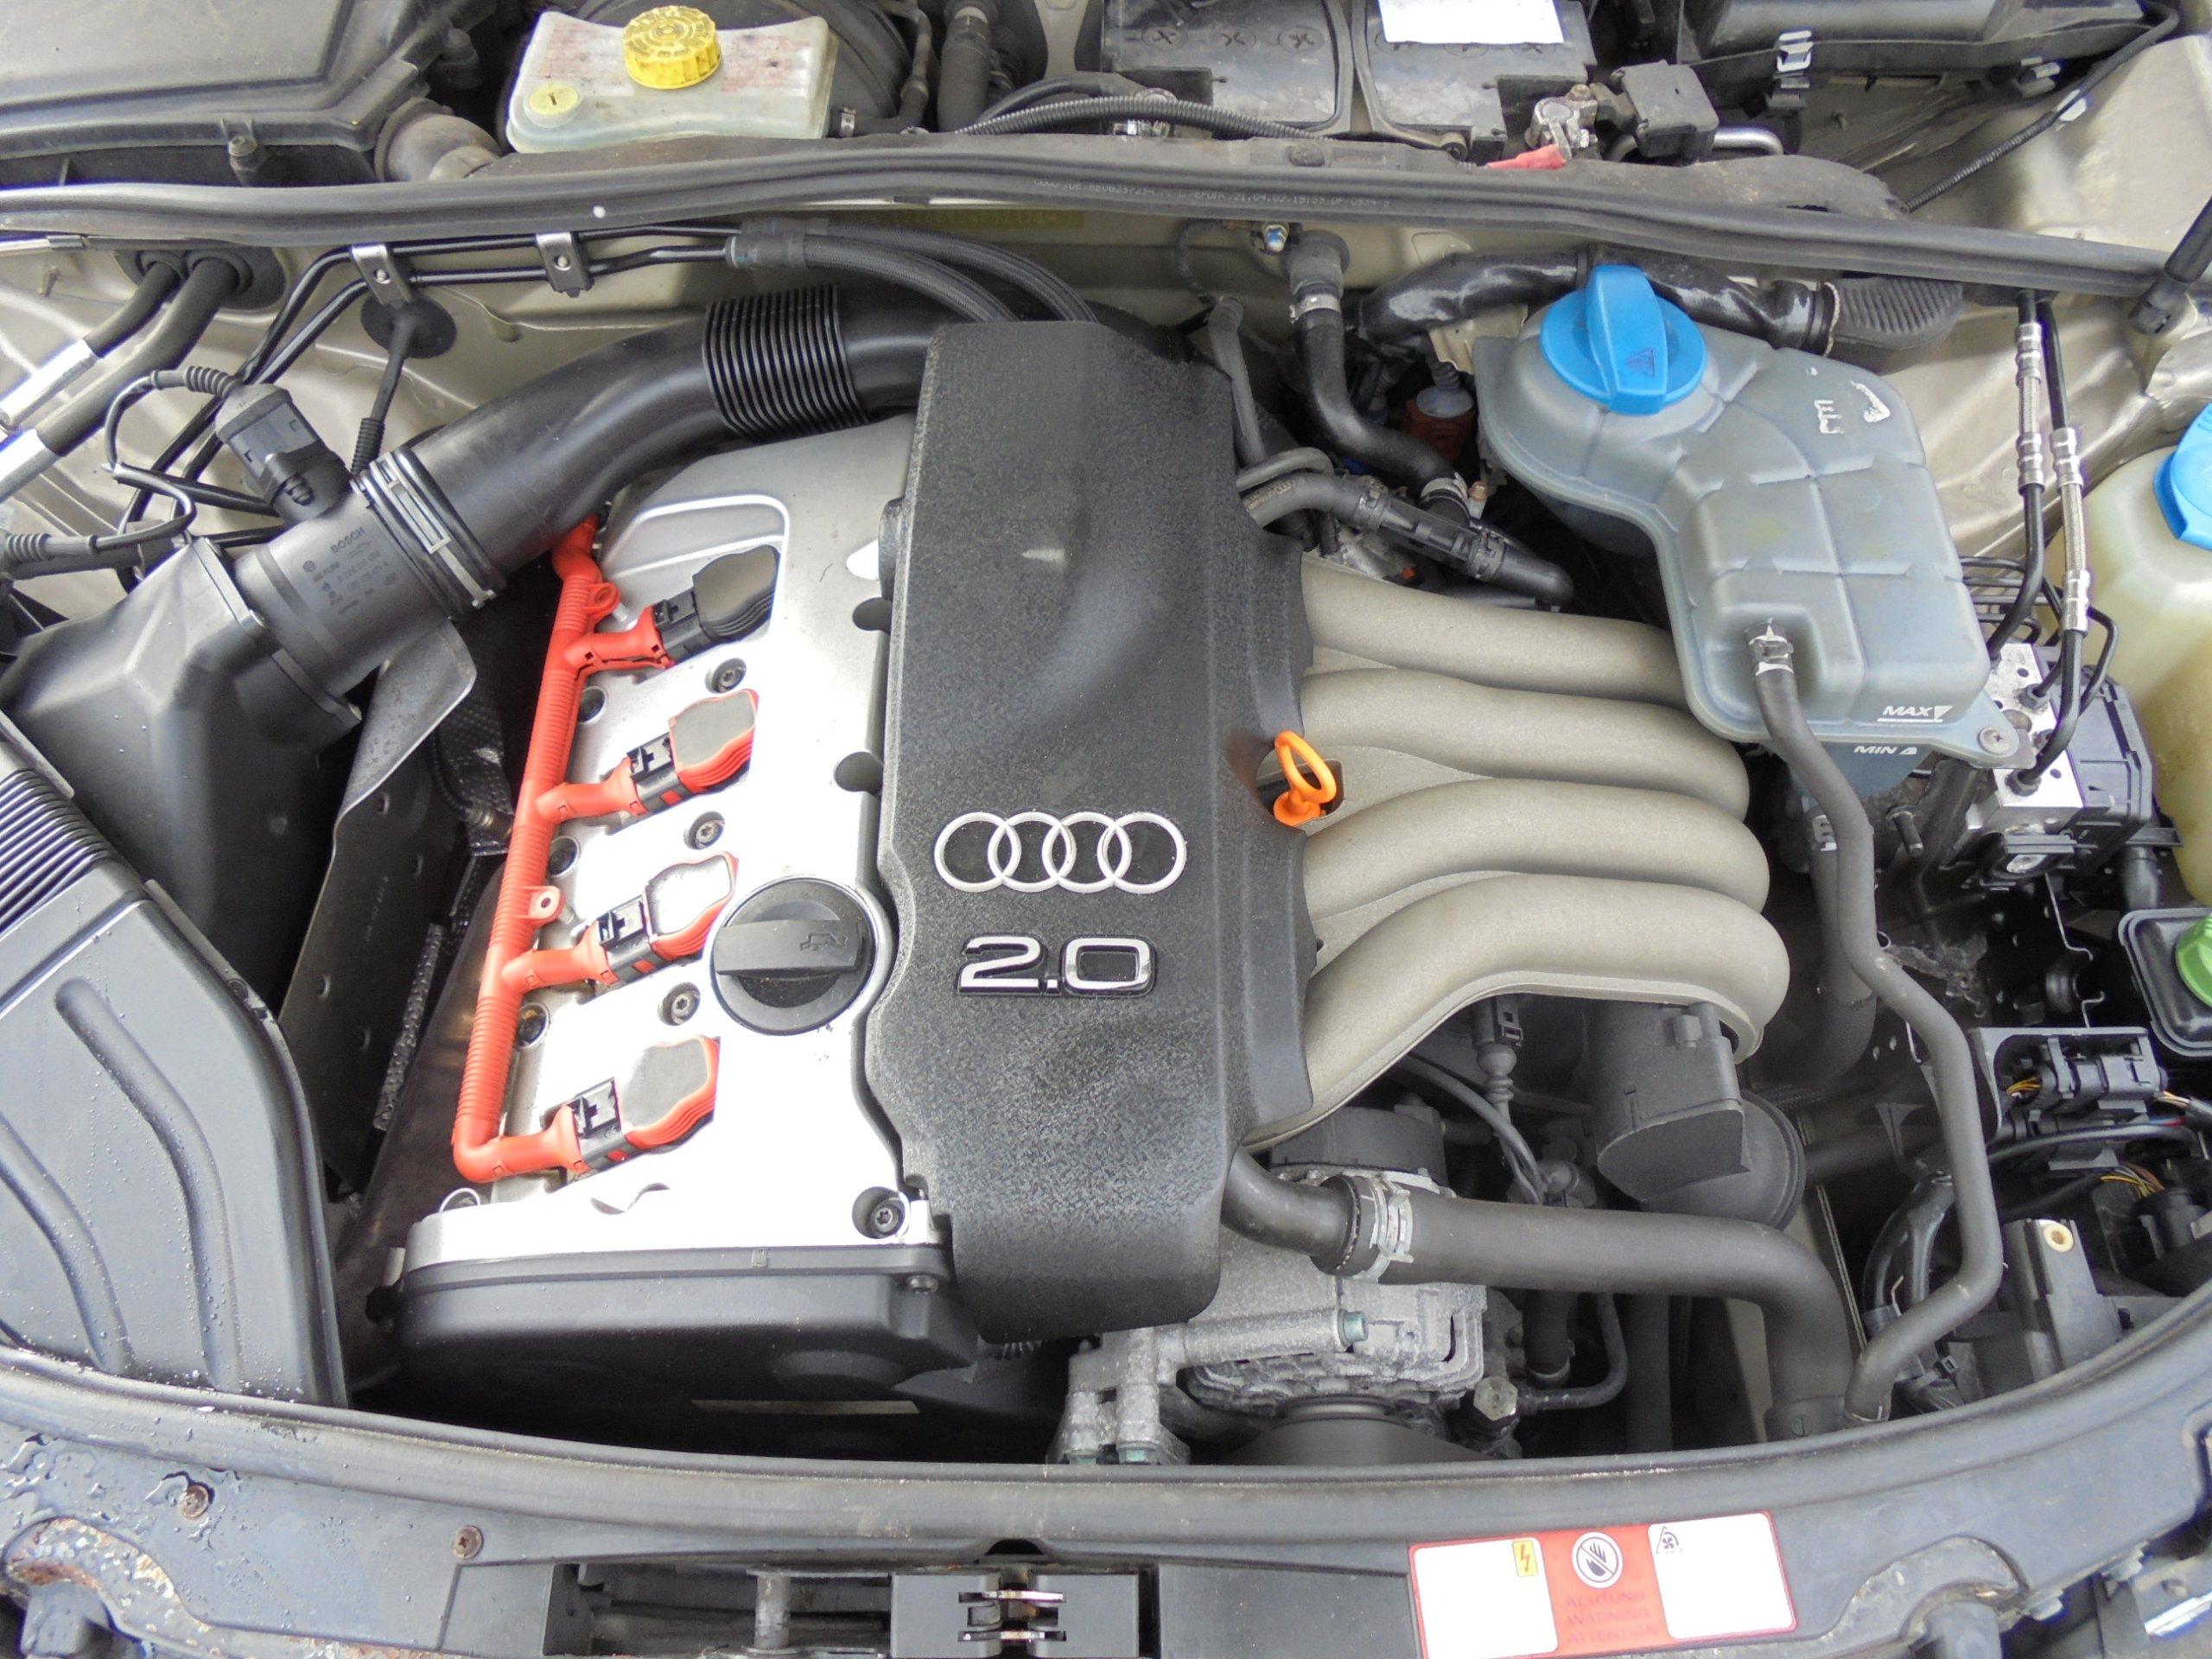 Czujnik Stukowy Audi A4 B6 A6 Passat B5 20 Alt 7112595081